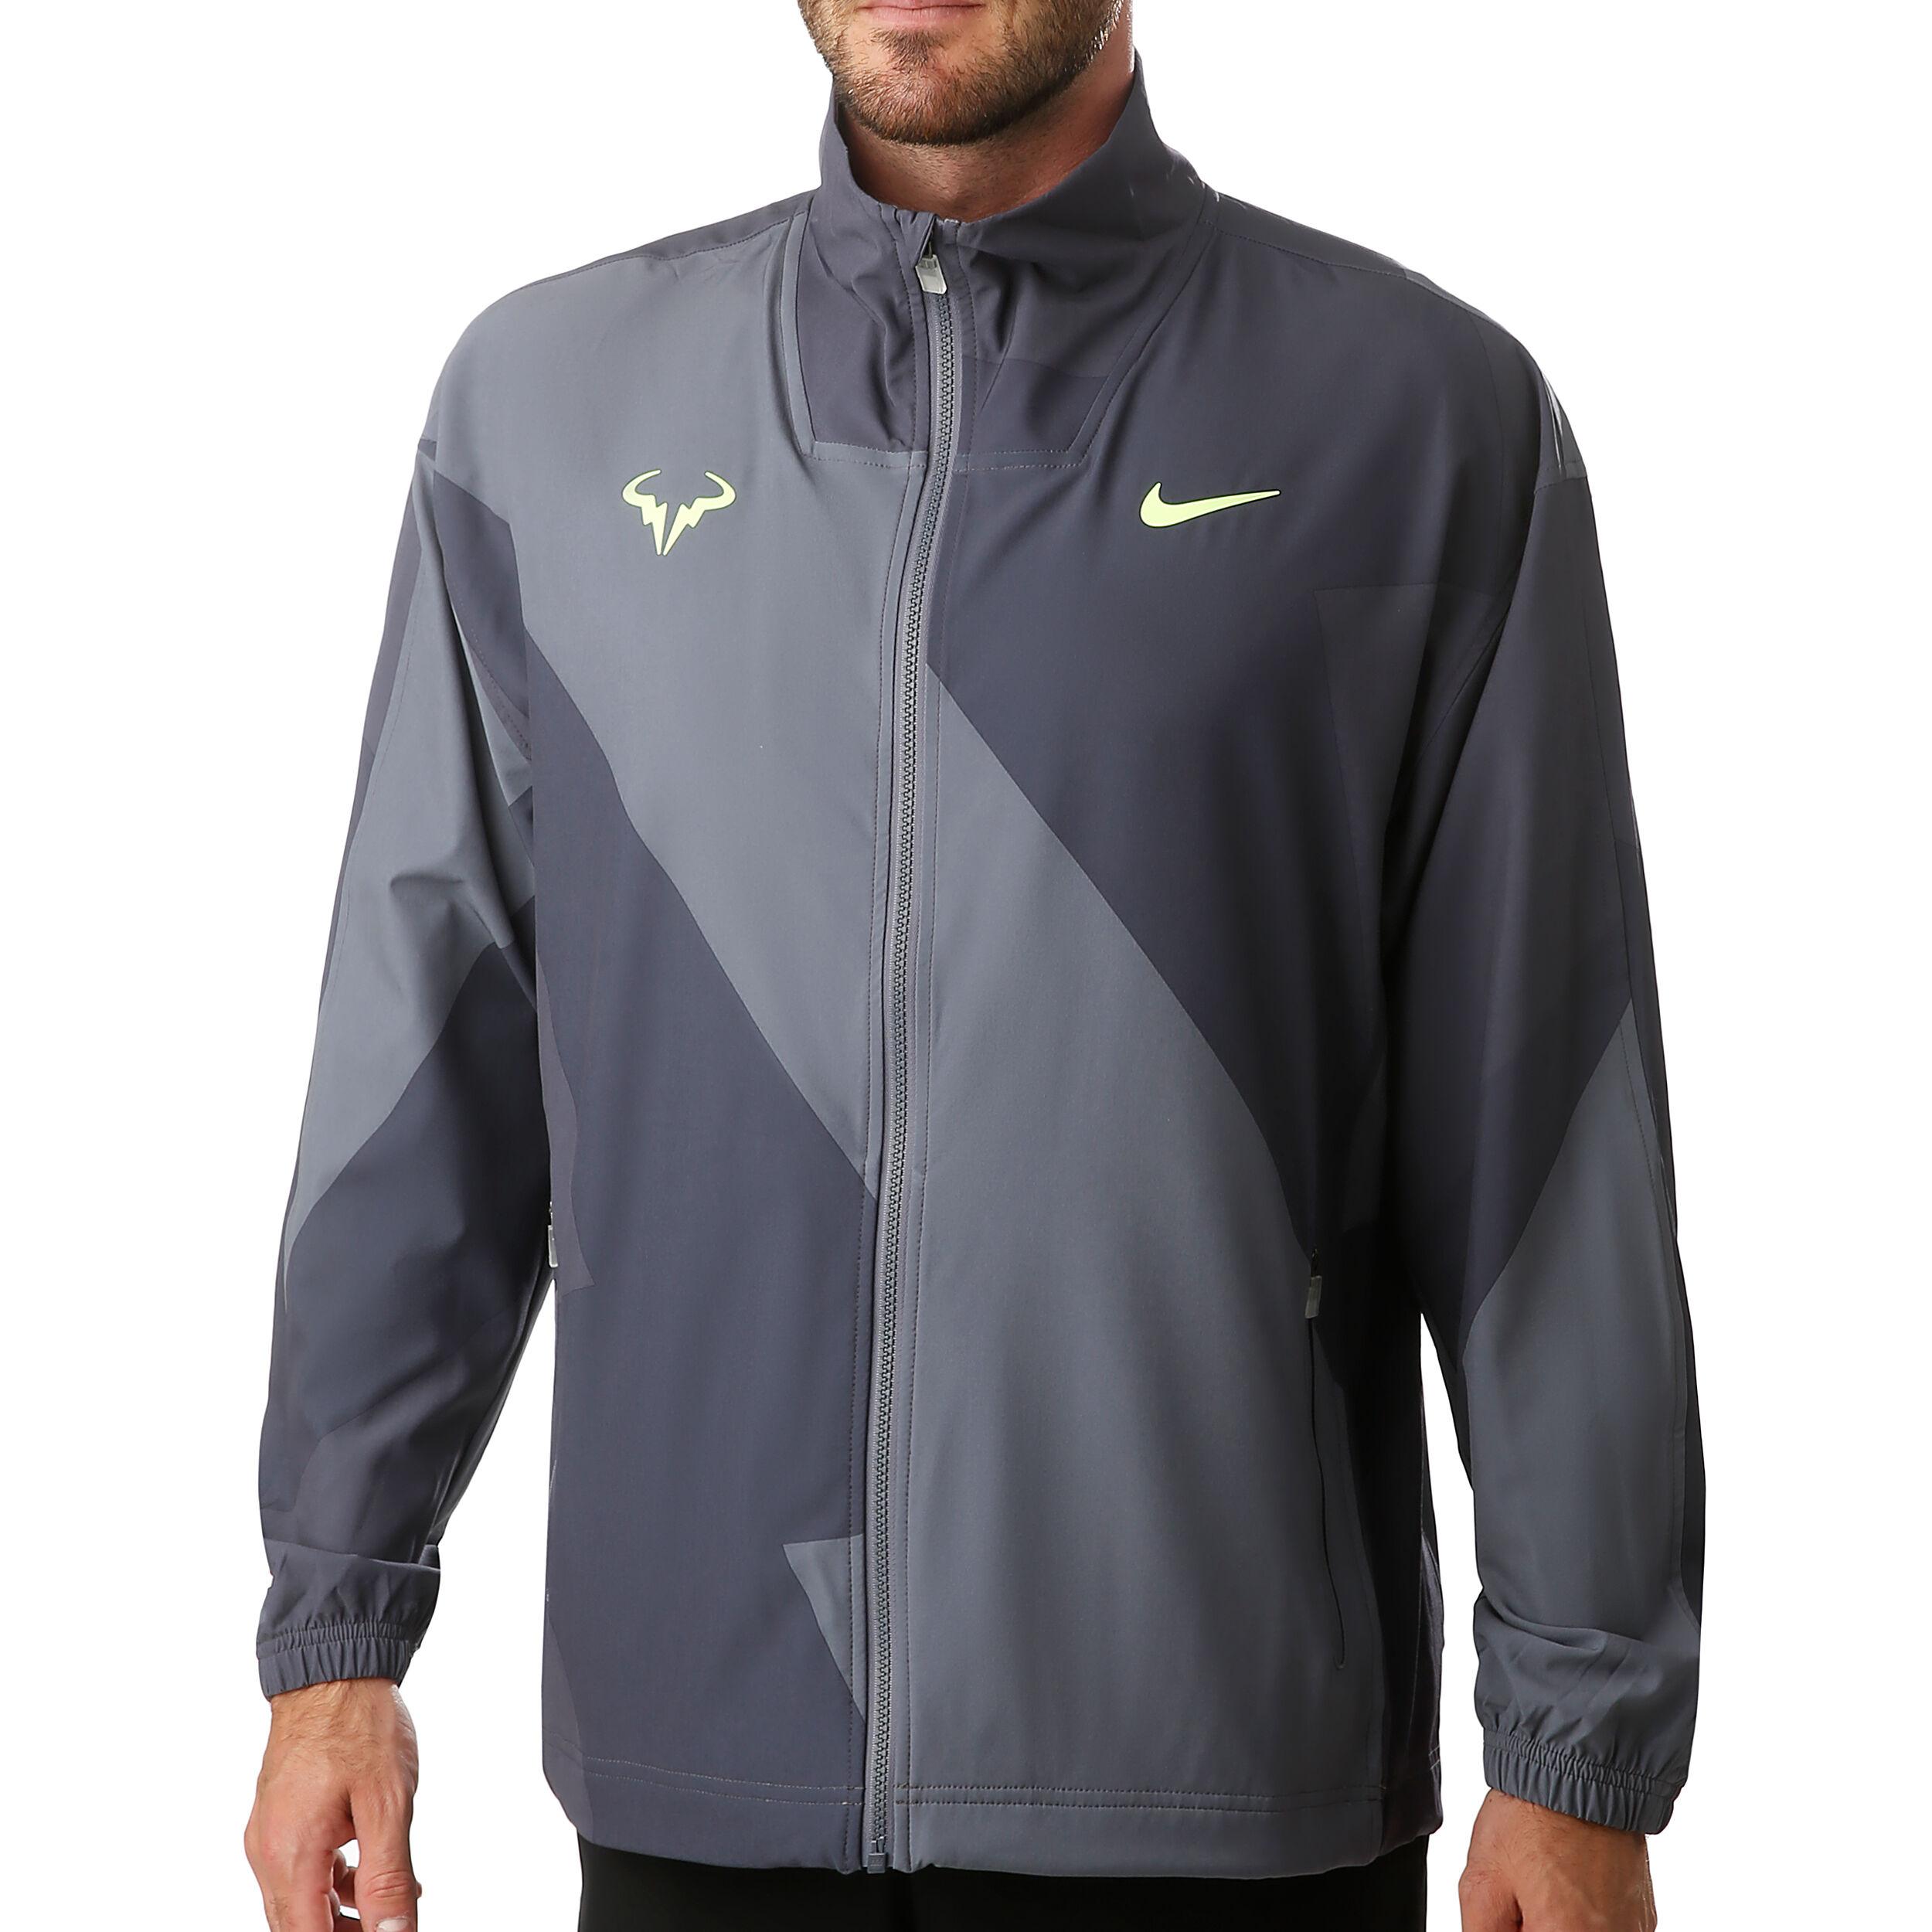 Nike Rafael Nadal Veste De Survêtement Hommes Gris Foncé